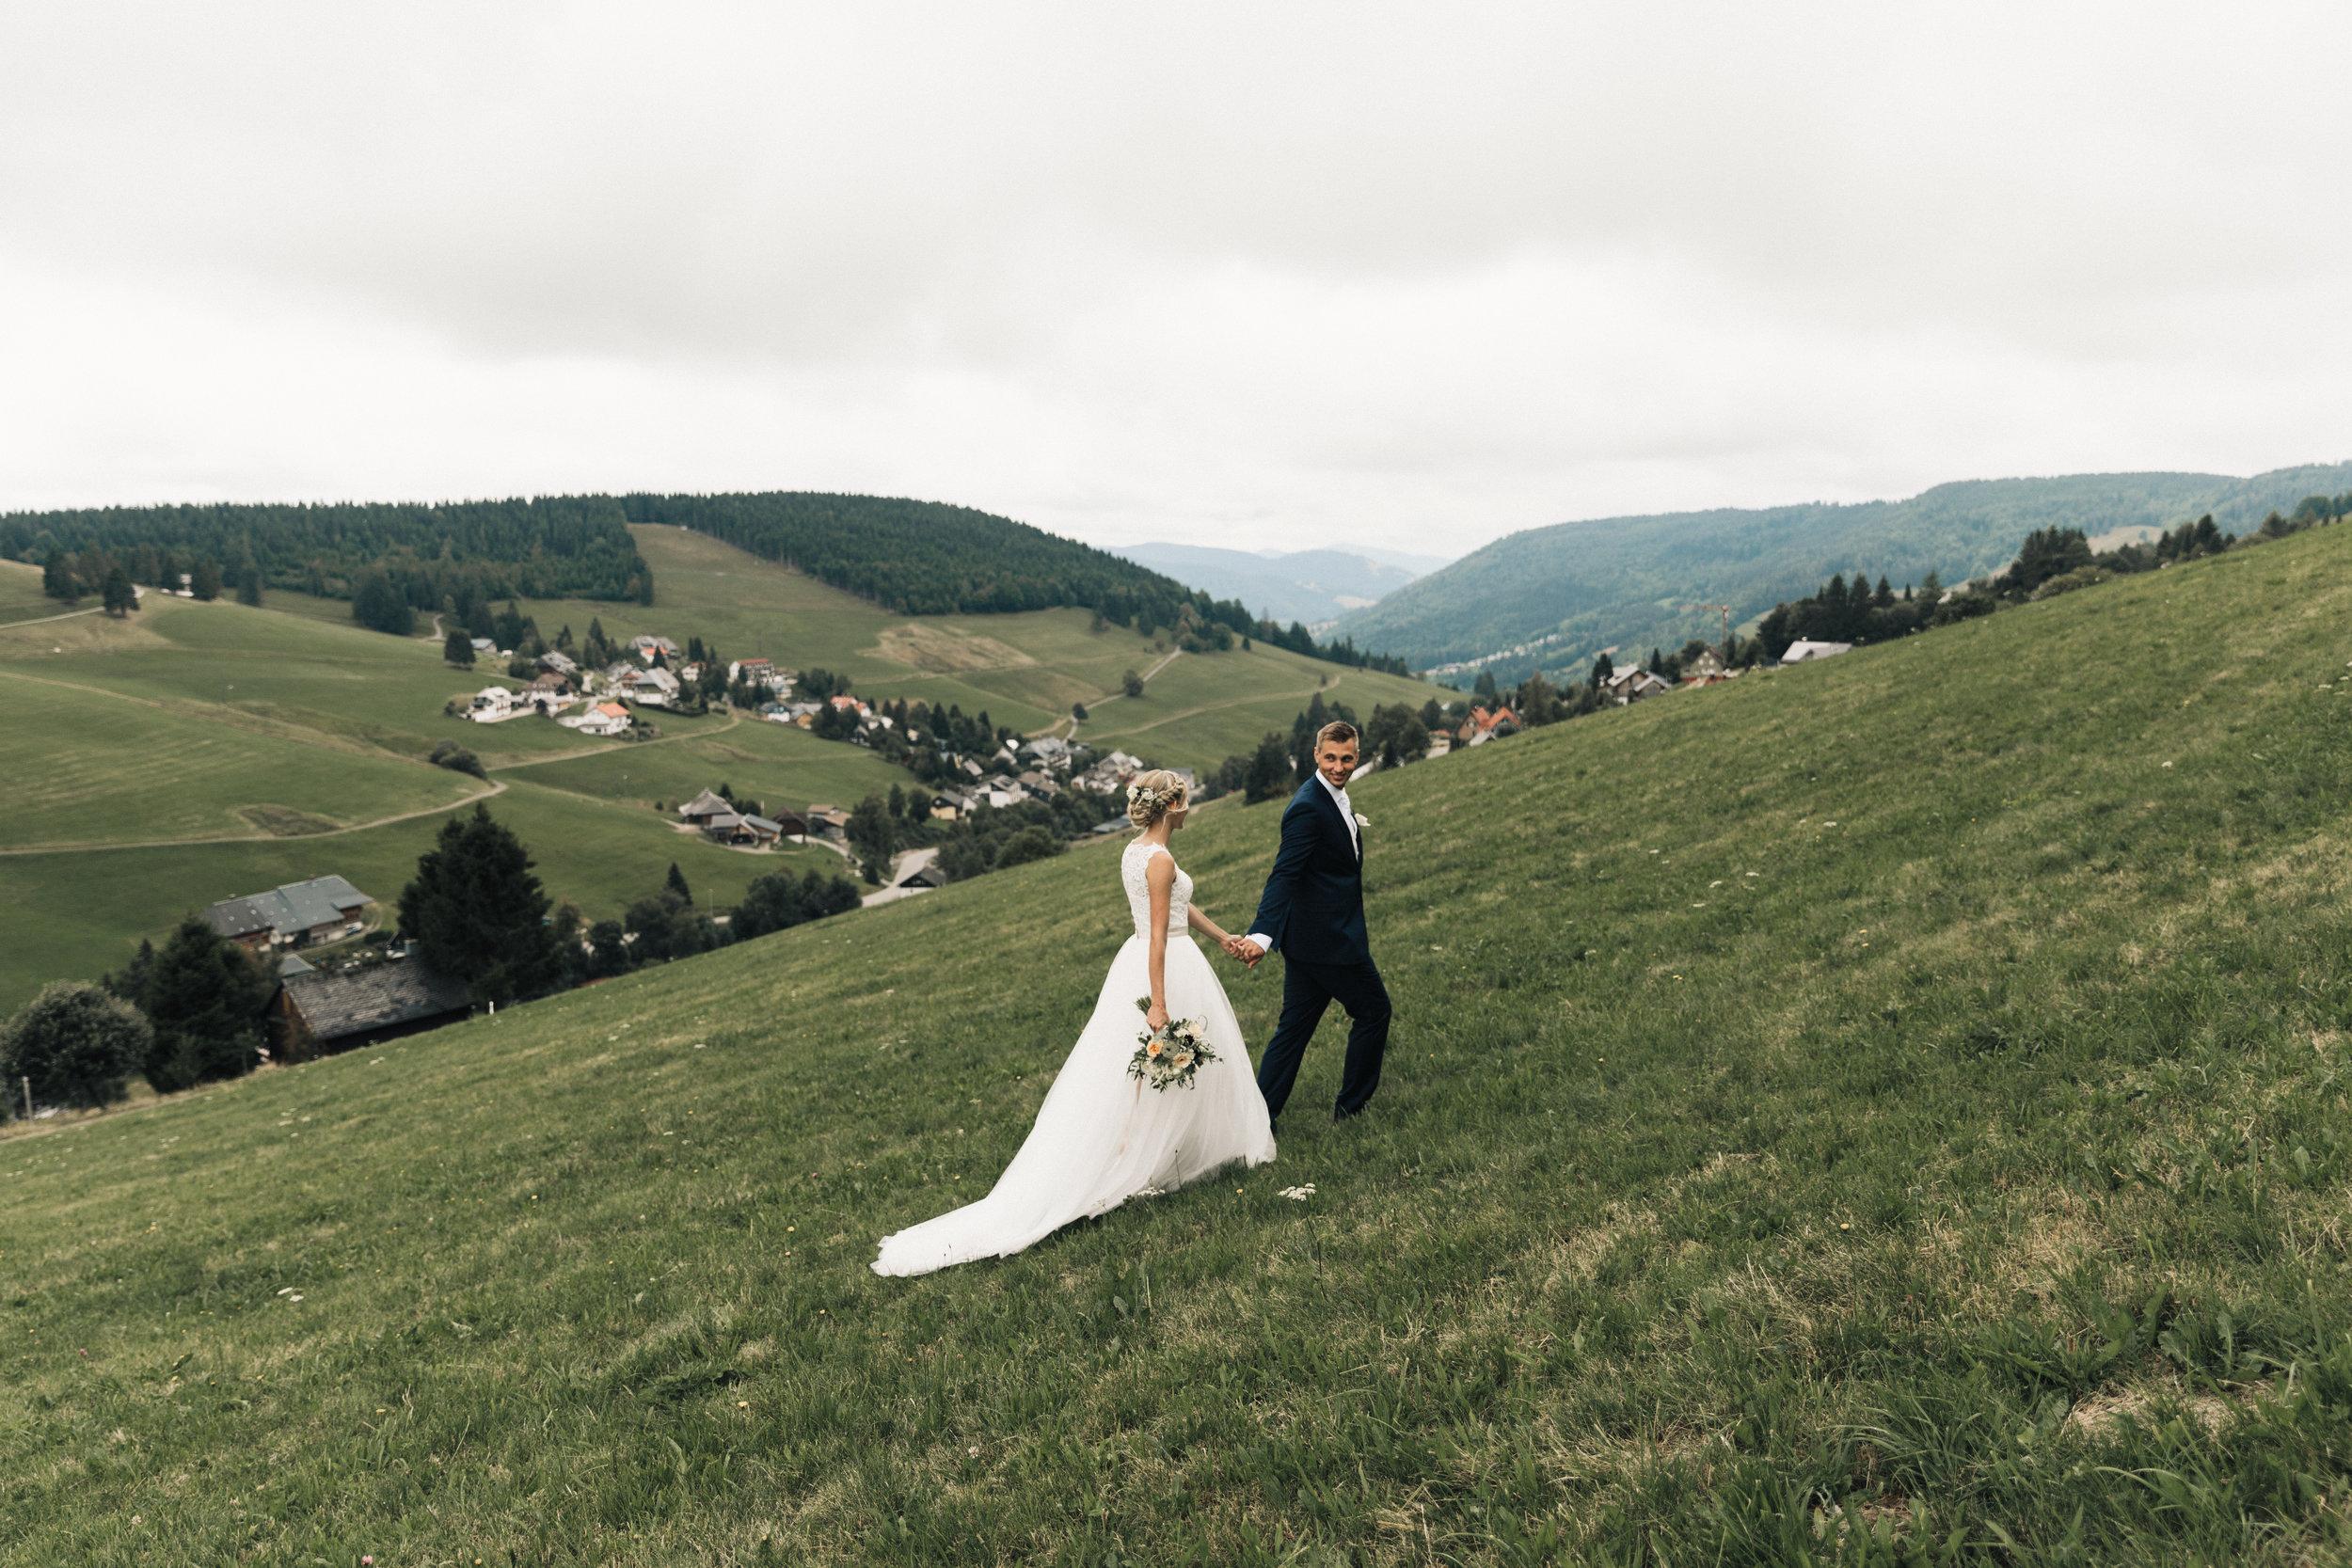 193-ltw-eva-kris-wedding.jpg